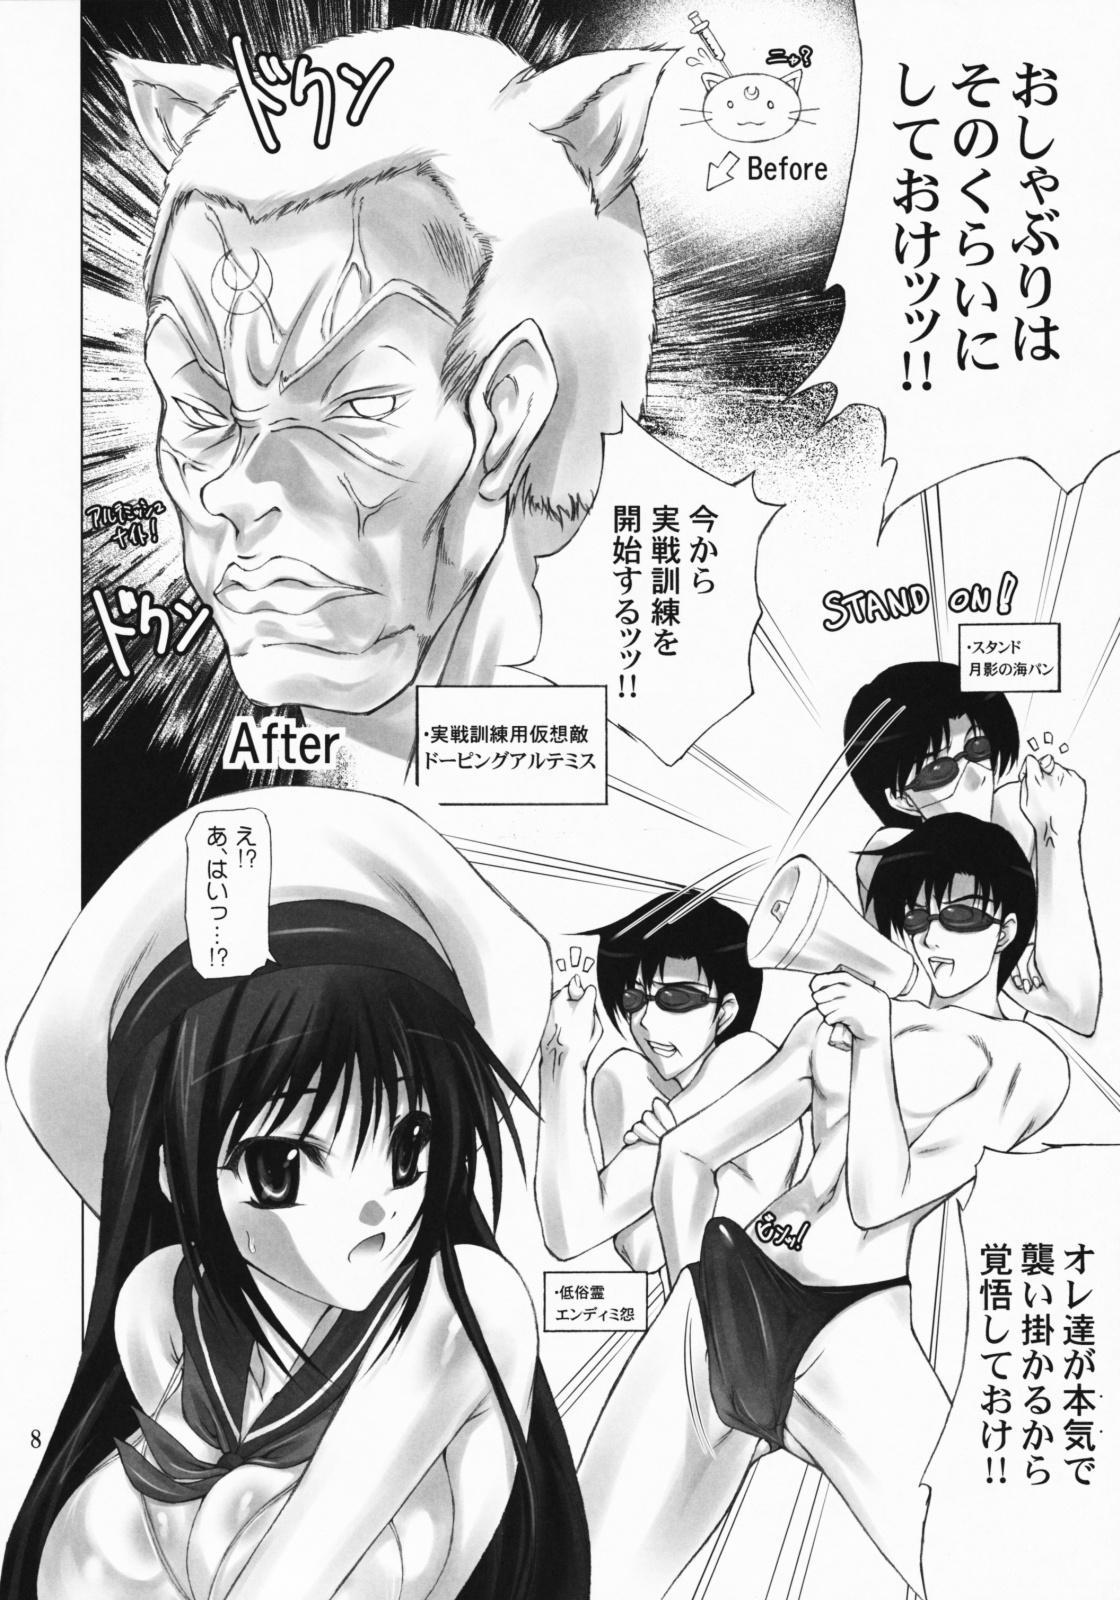 Sailor Mariners Kanzenban 6